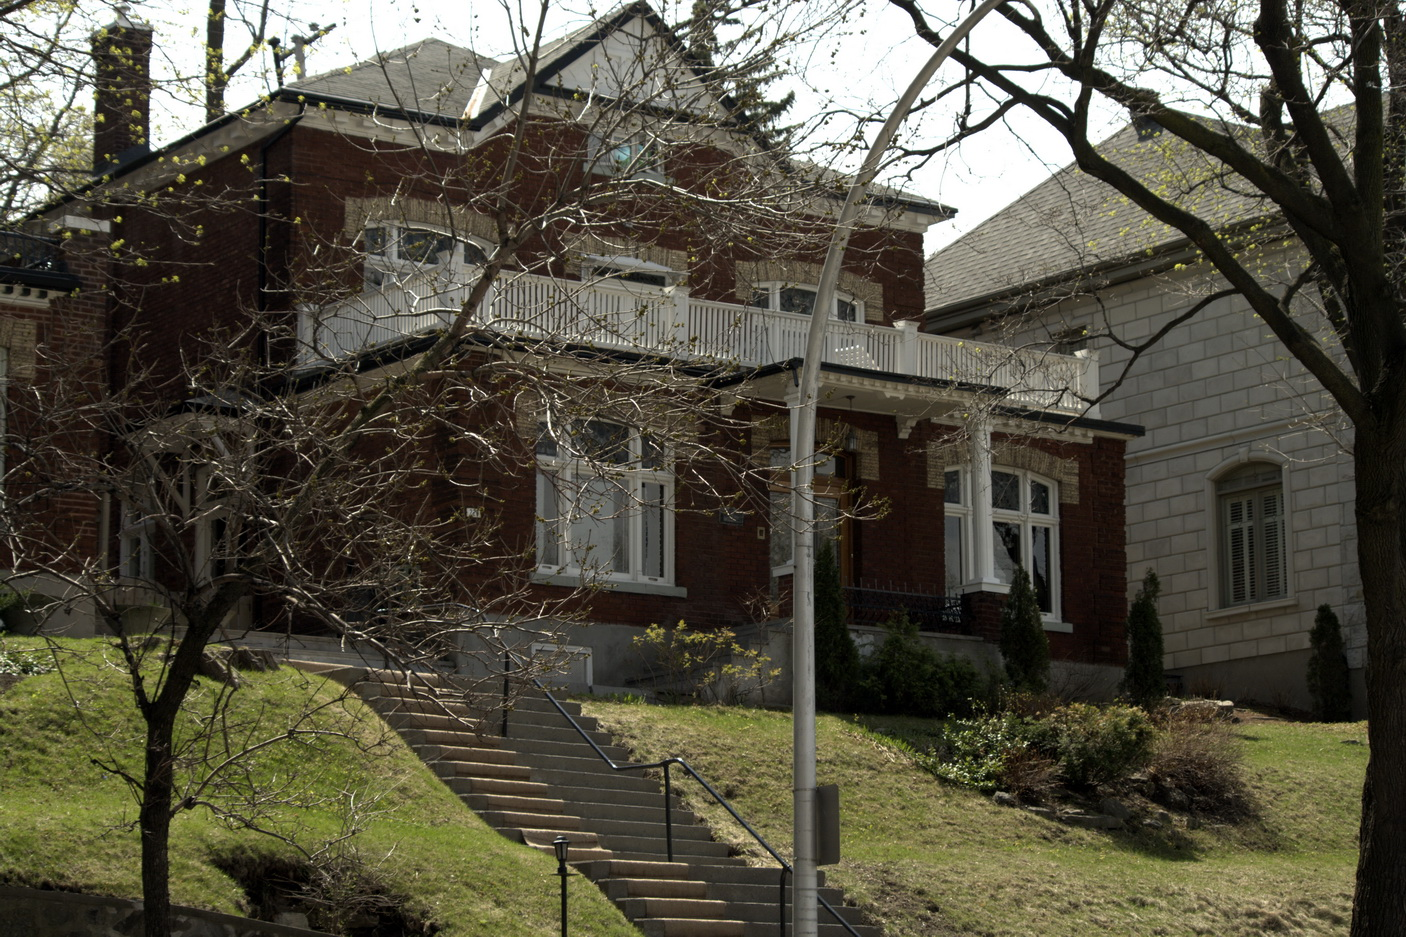 Au temps où une certaine architecture enrichissait nos quartiers.